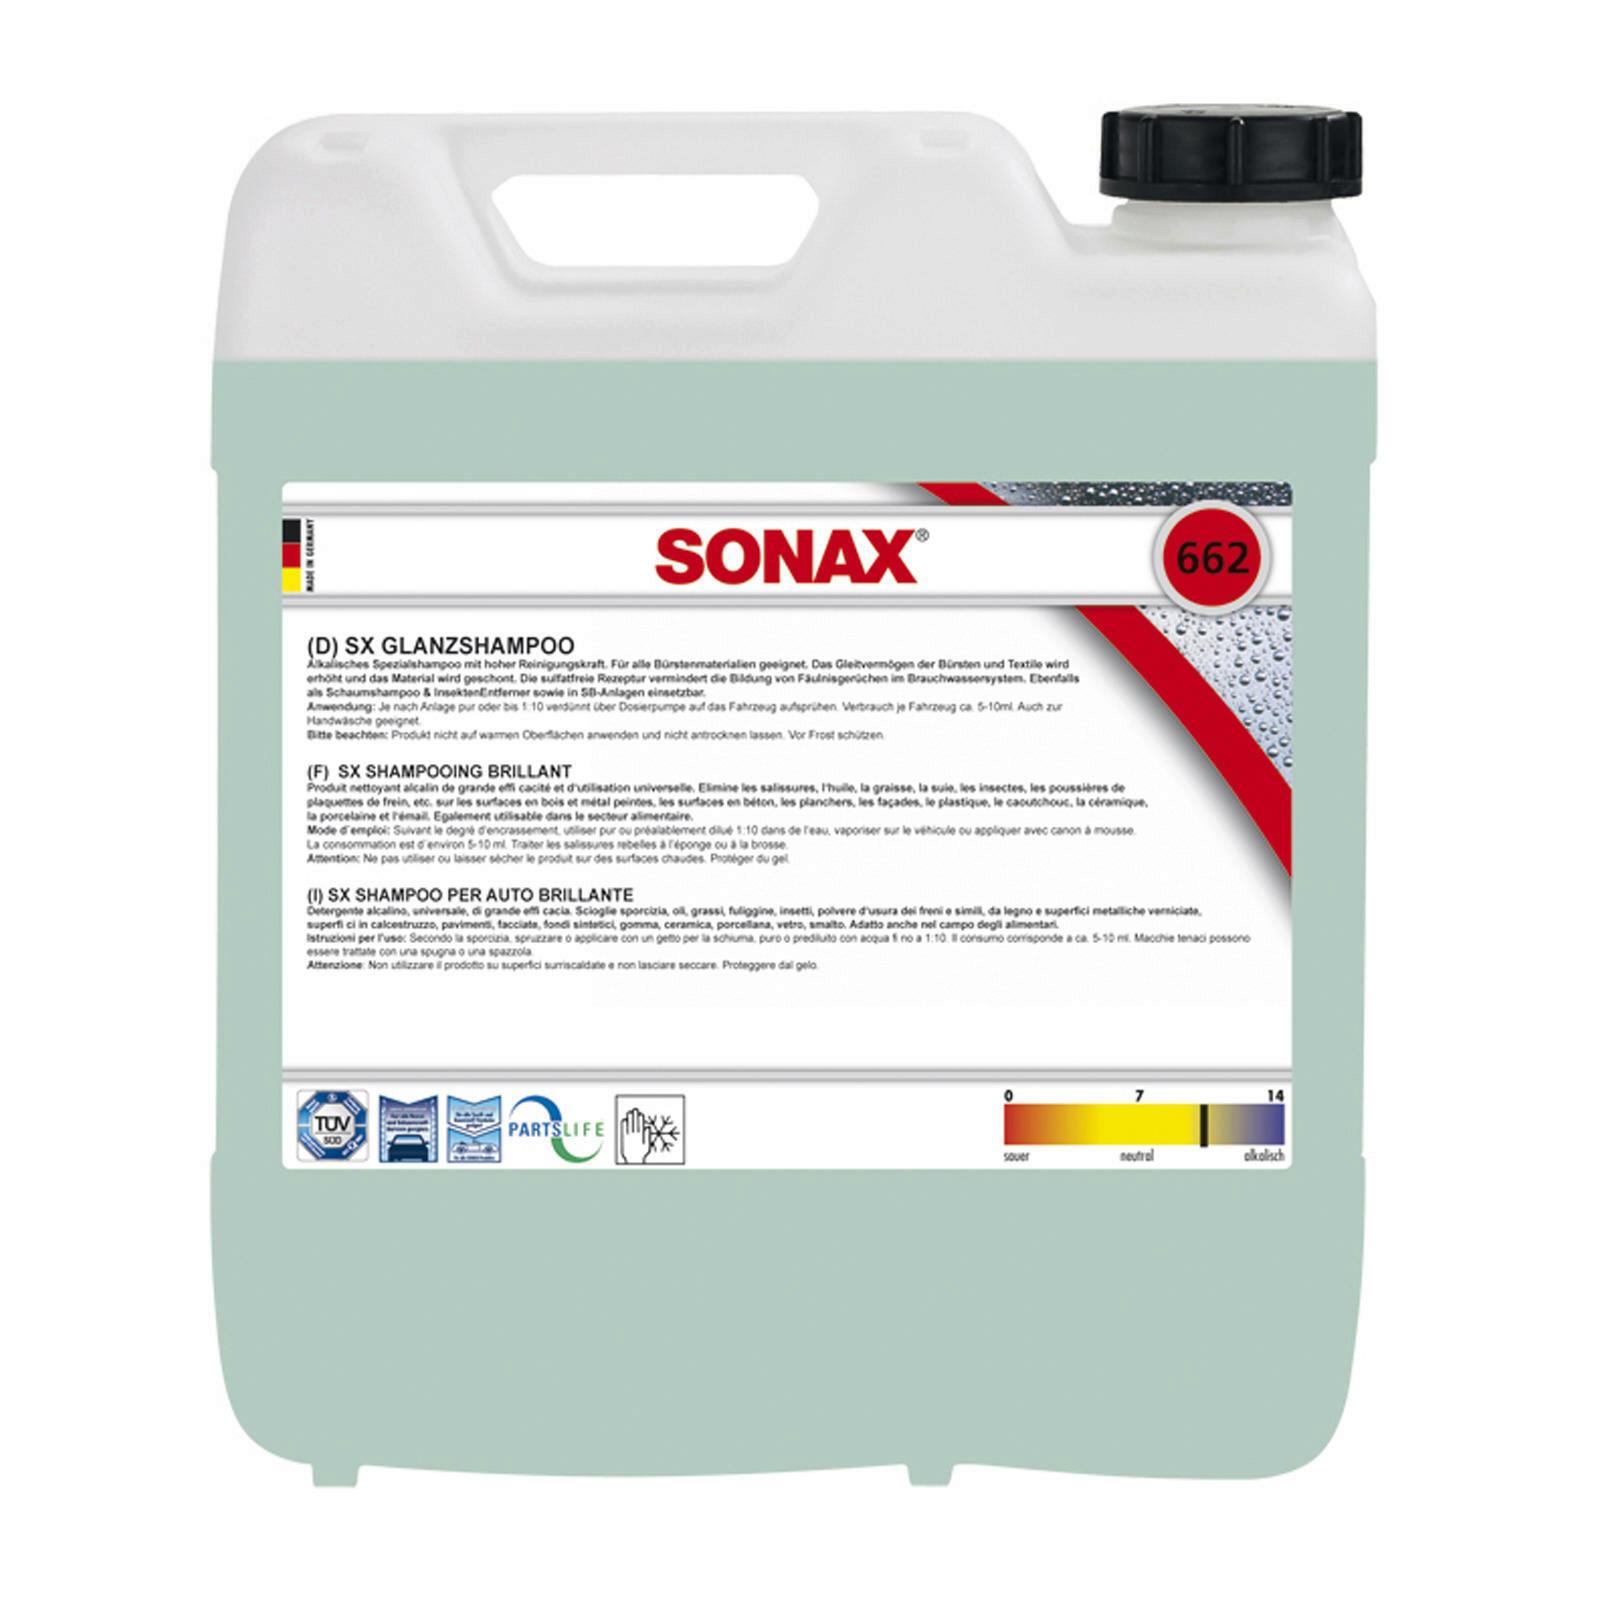 SONAX SX GlanzShampoo 10L